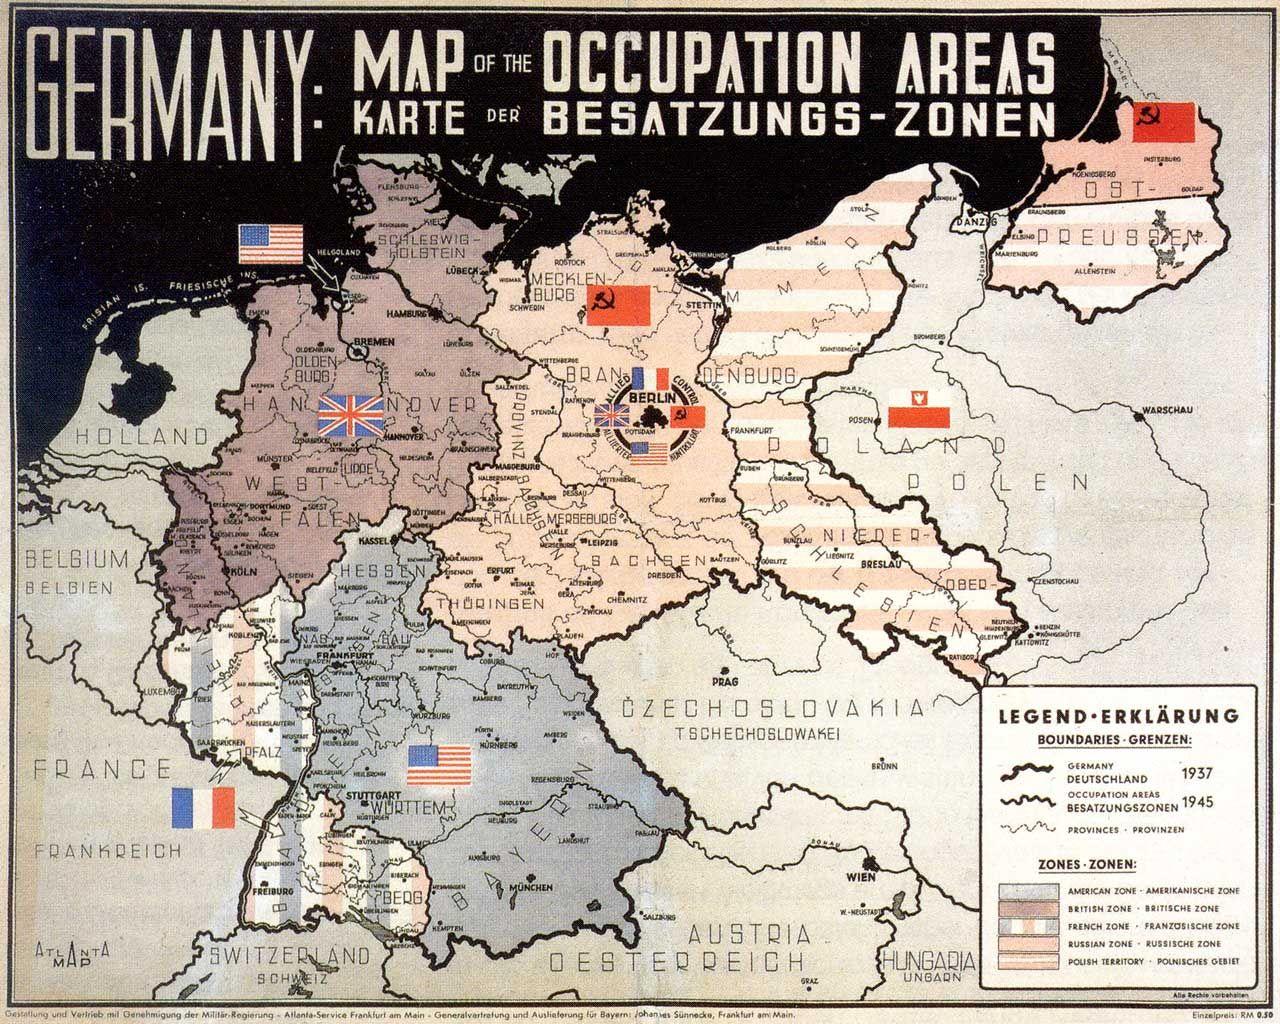 Pin von Al Kempf auf Maps | Landkarte, Geschichte und Karte deutschland